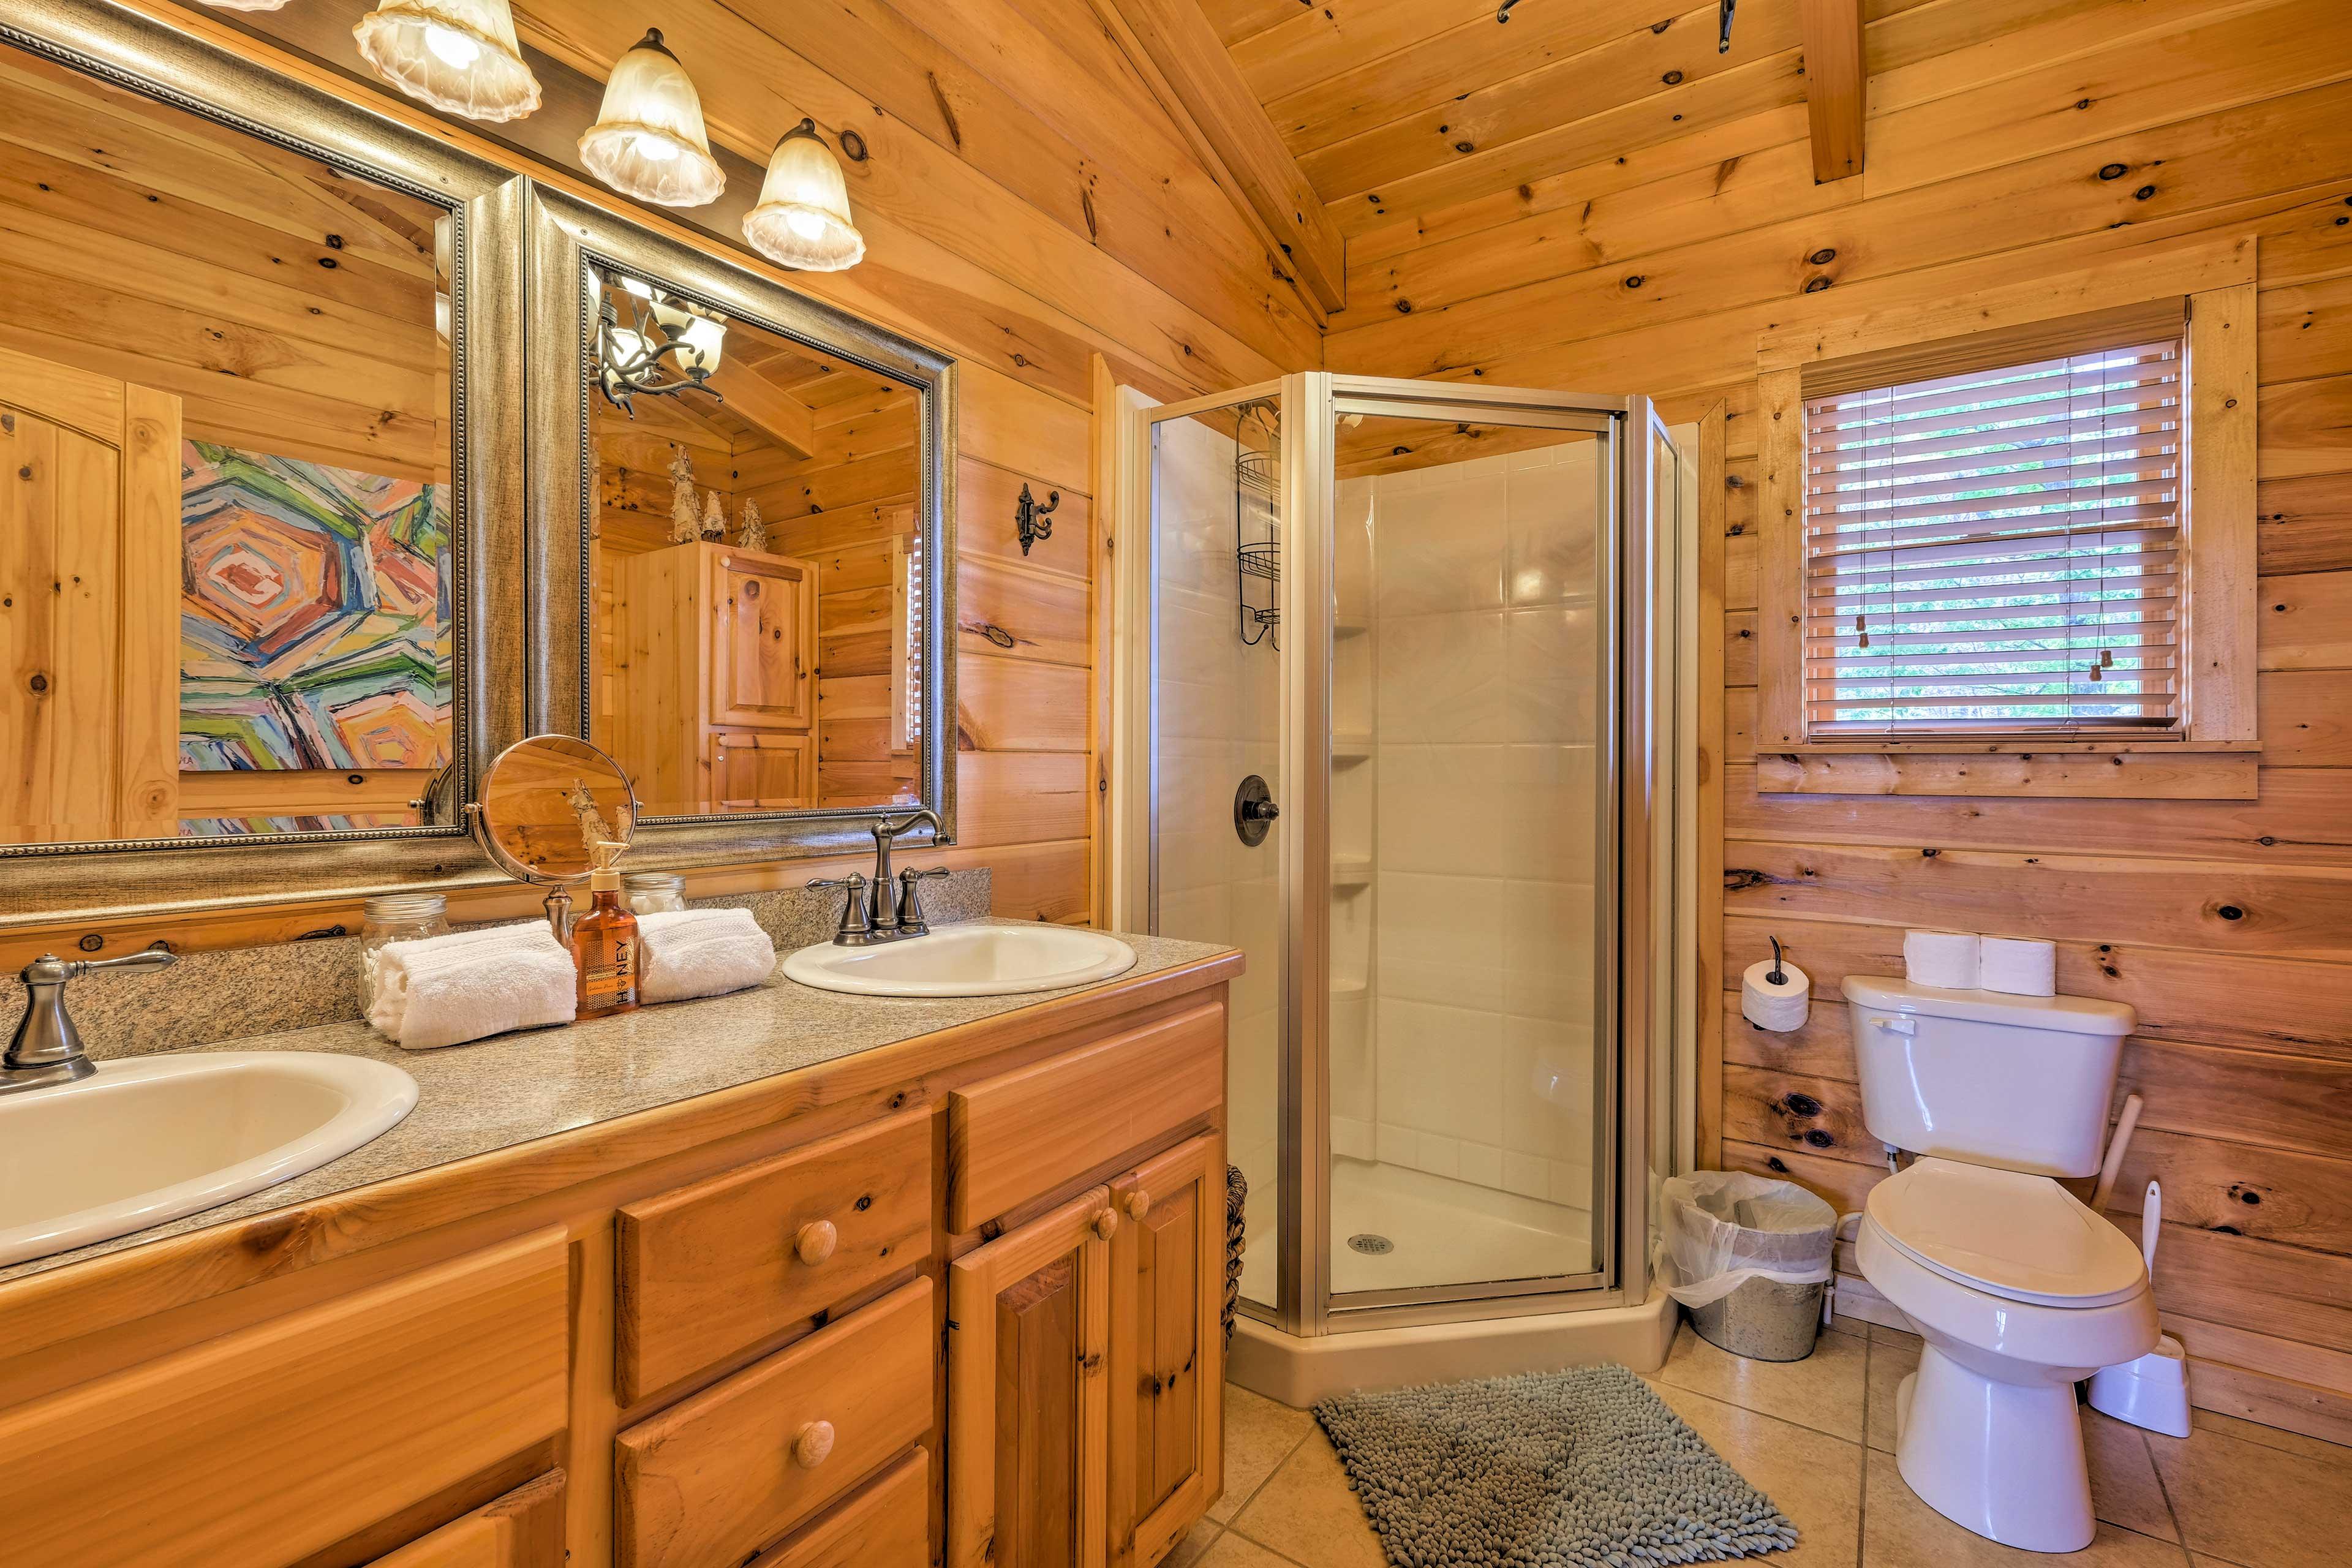 The cabin has 2 en-suite bathrooms.